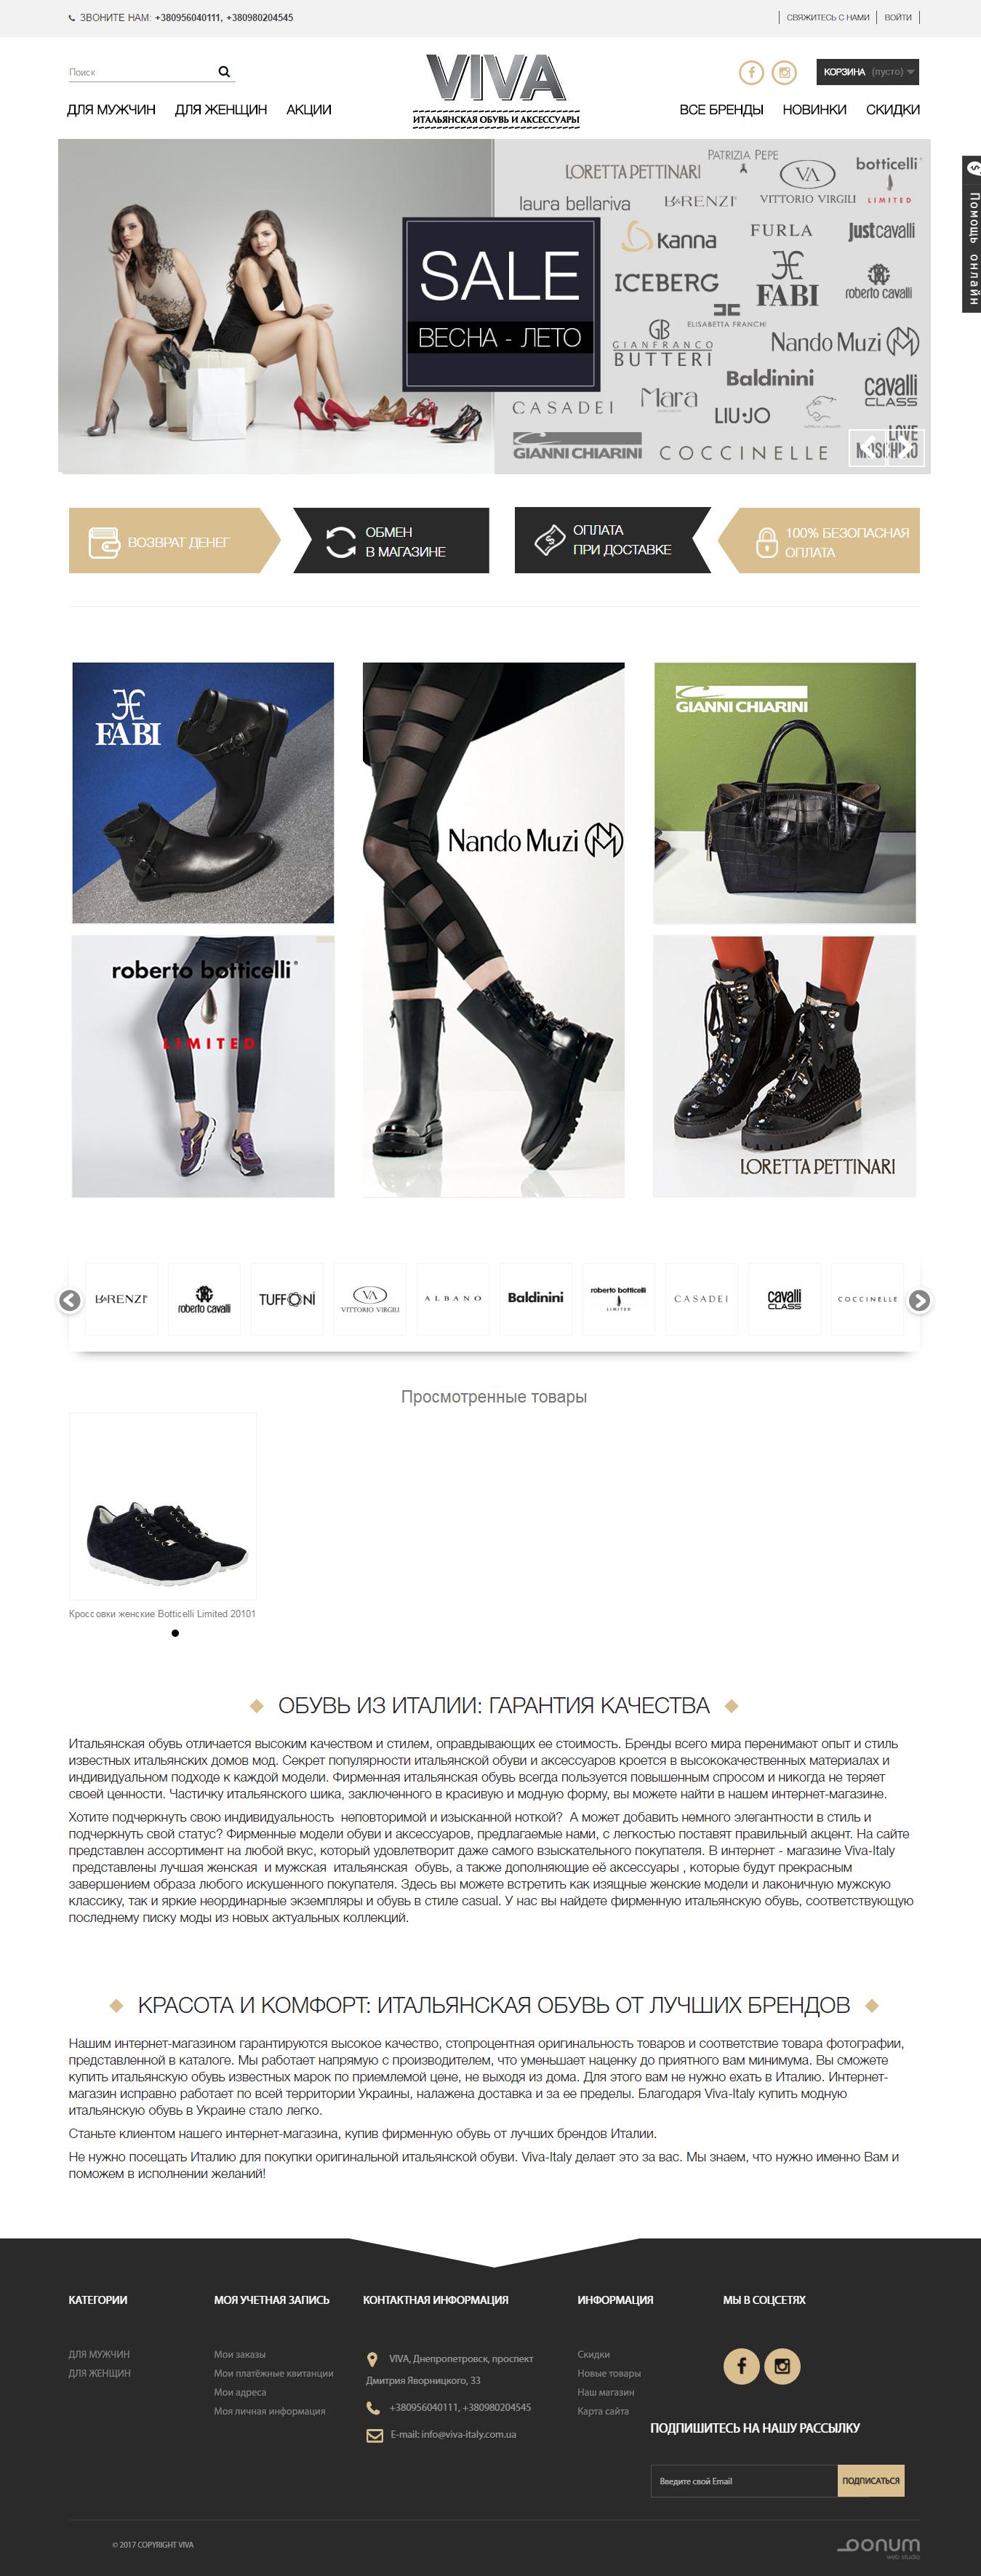 VIVA_итальянская обувь и аксессуары